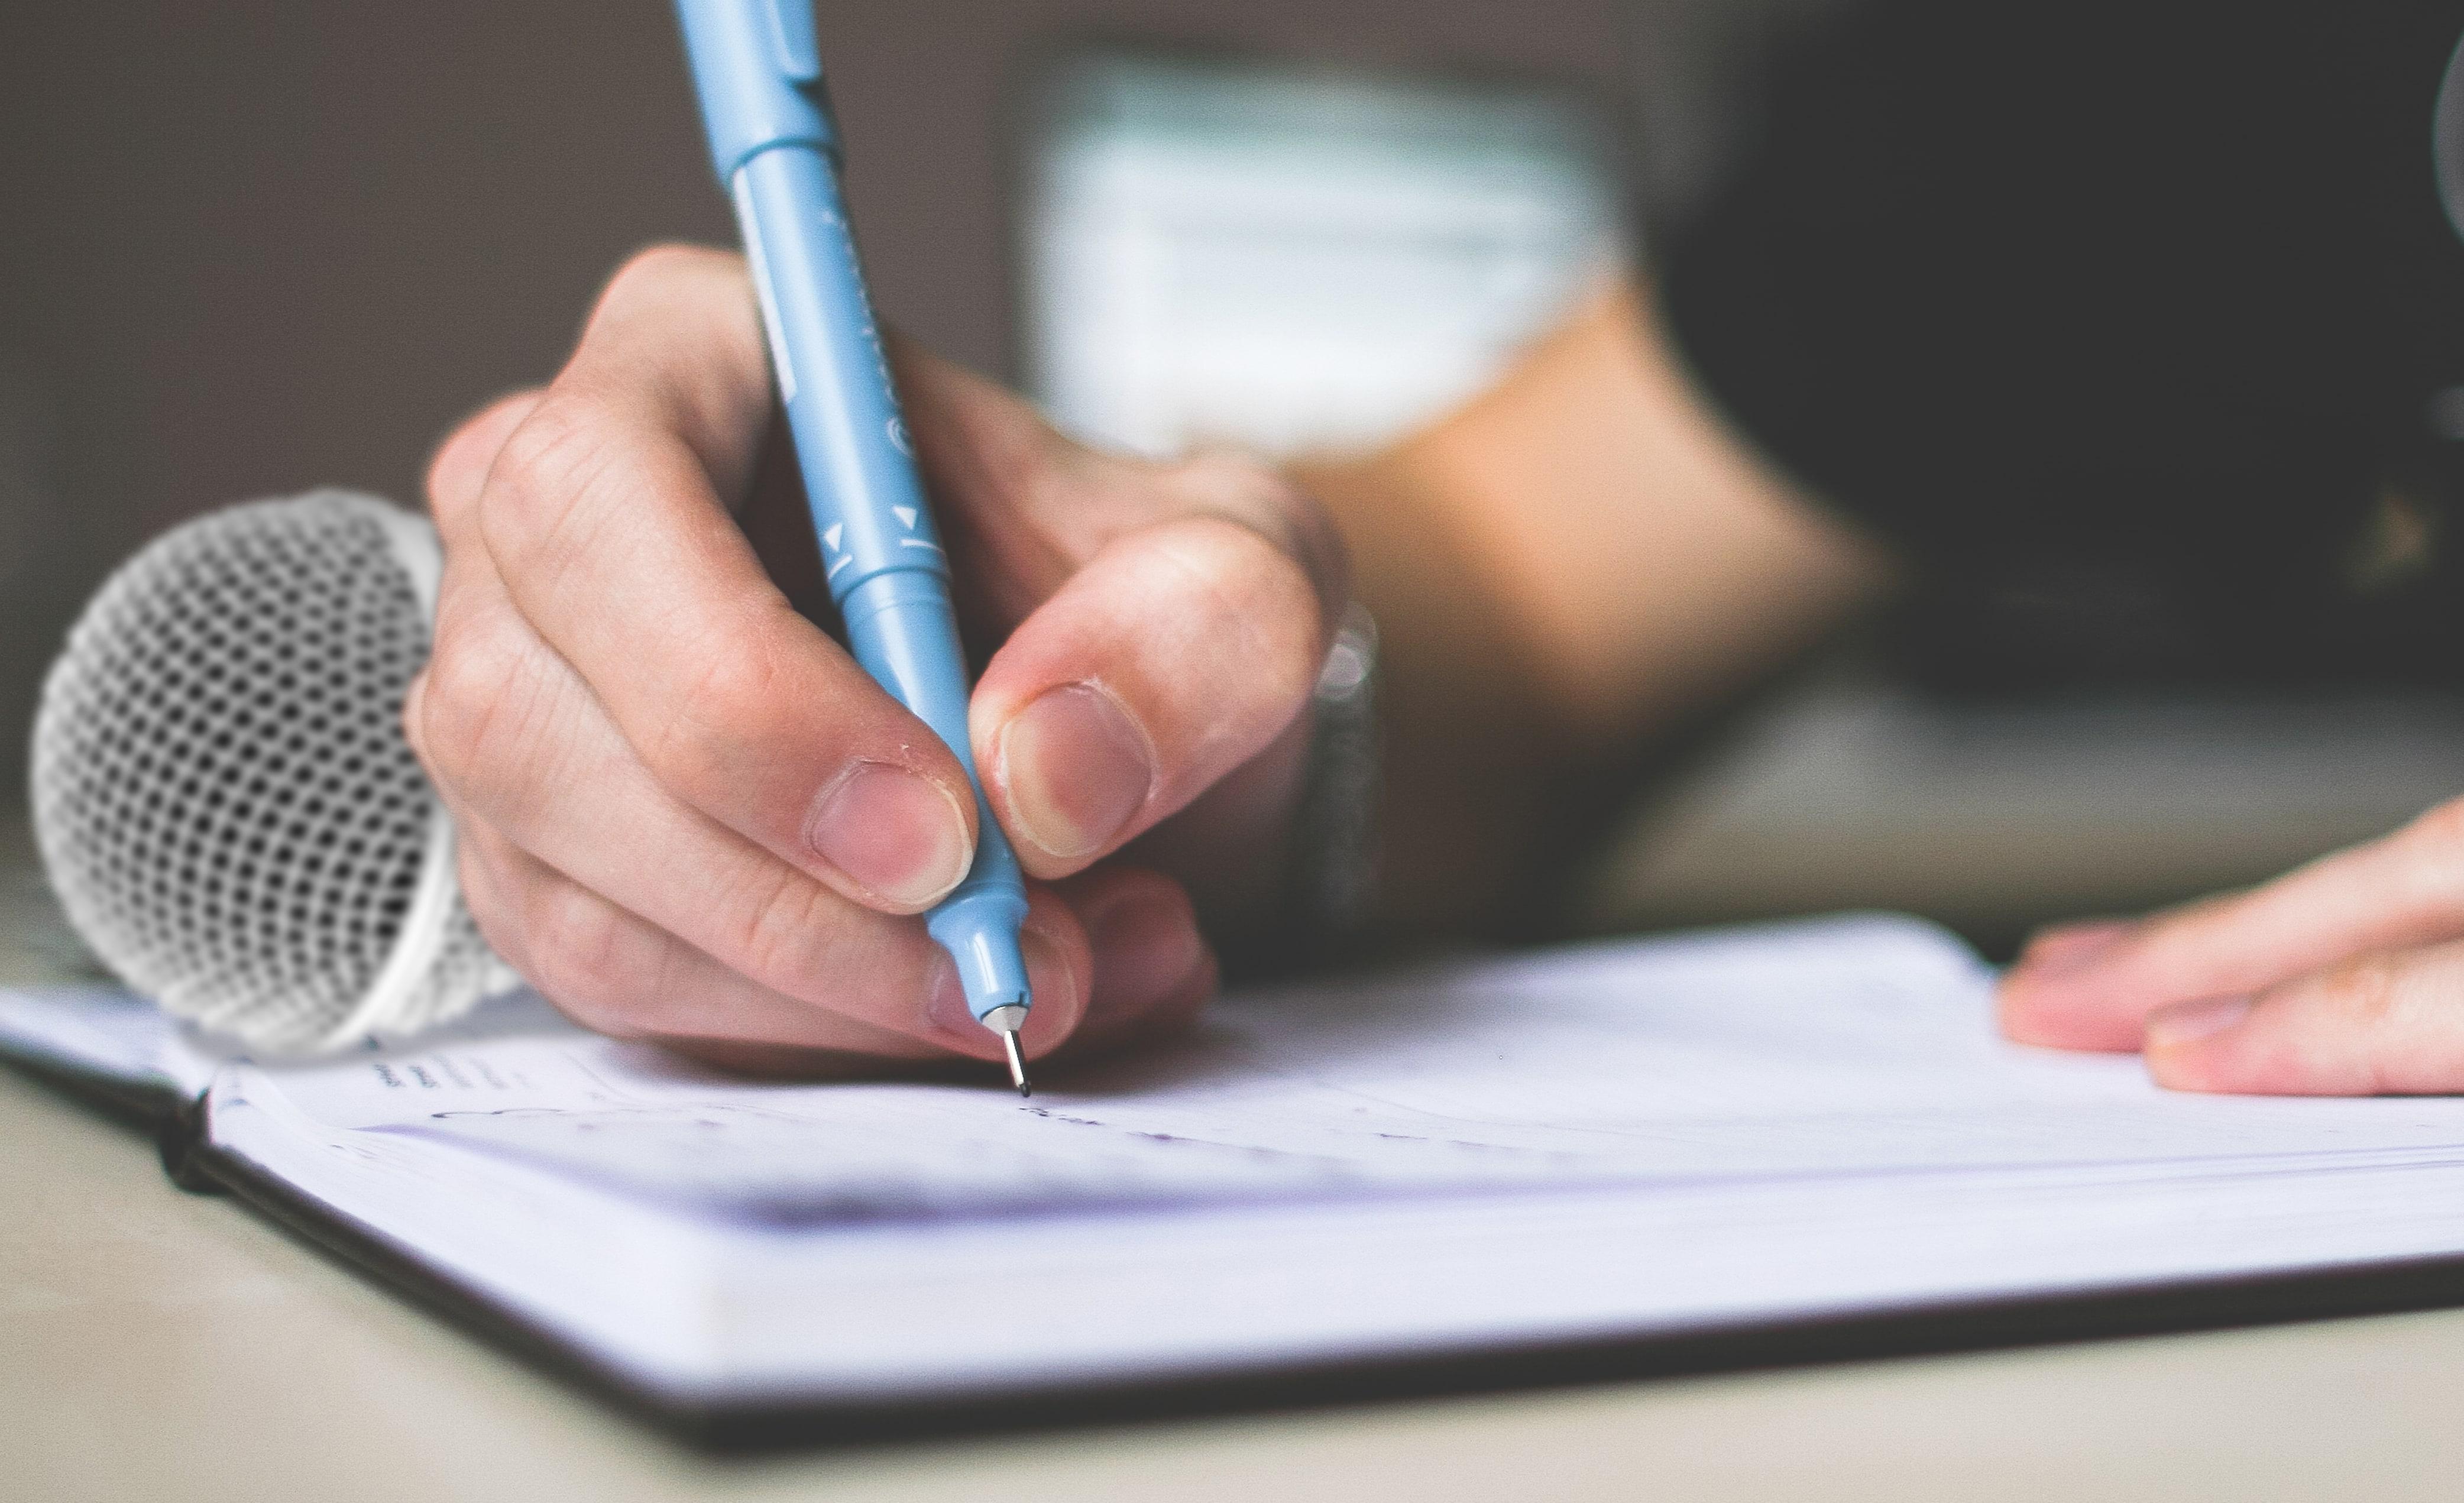 Quattro consigli per prepare un'intervista accattivante